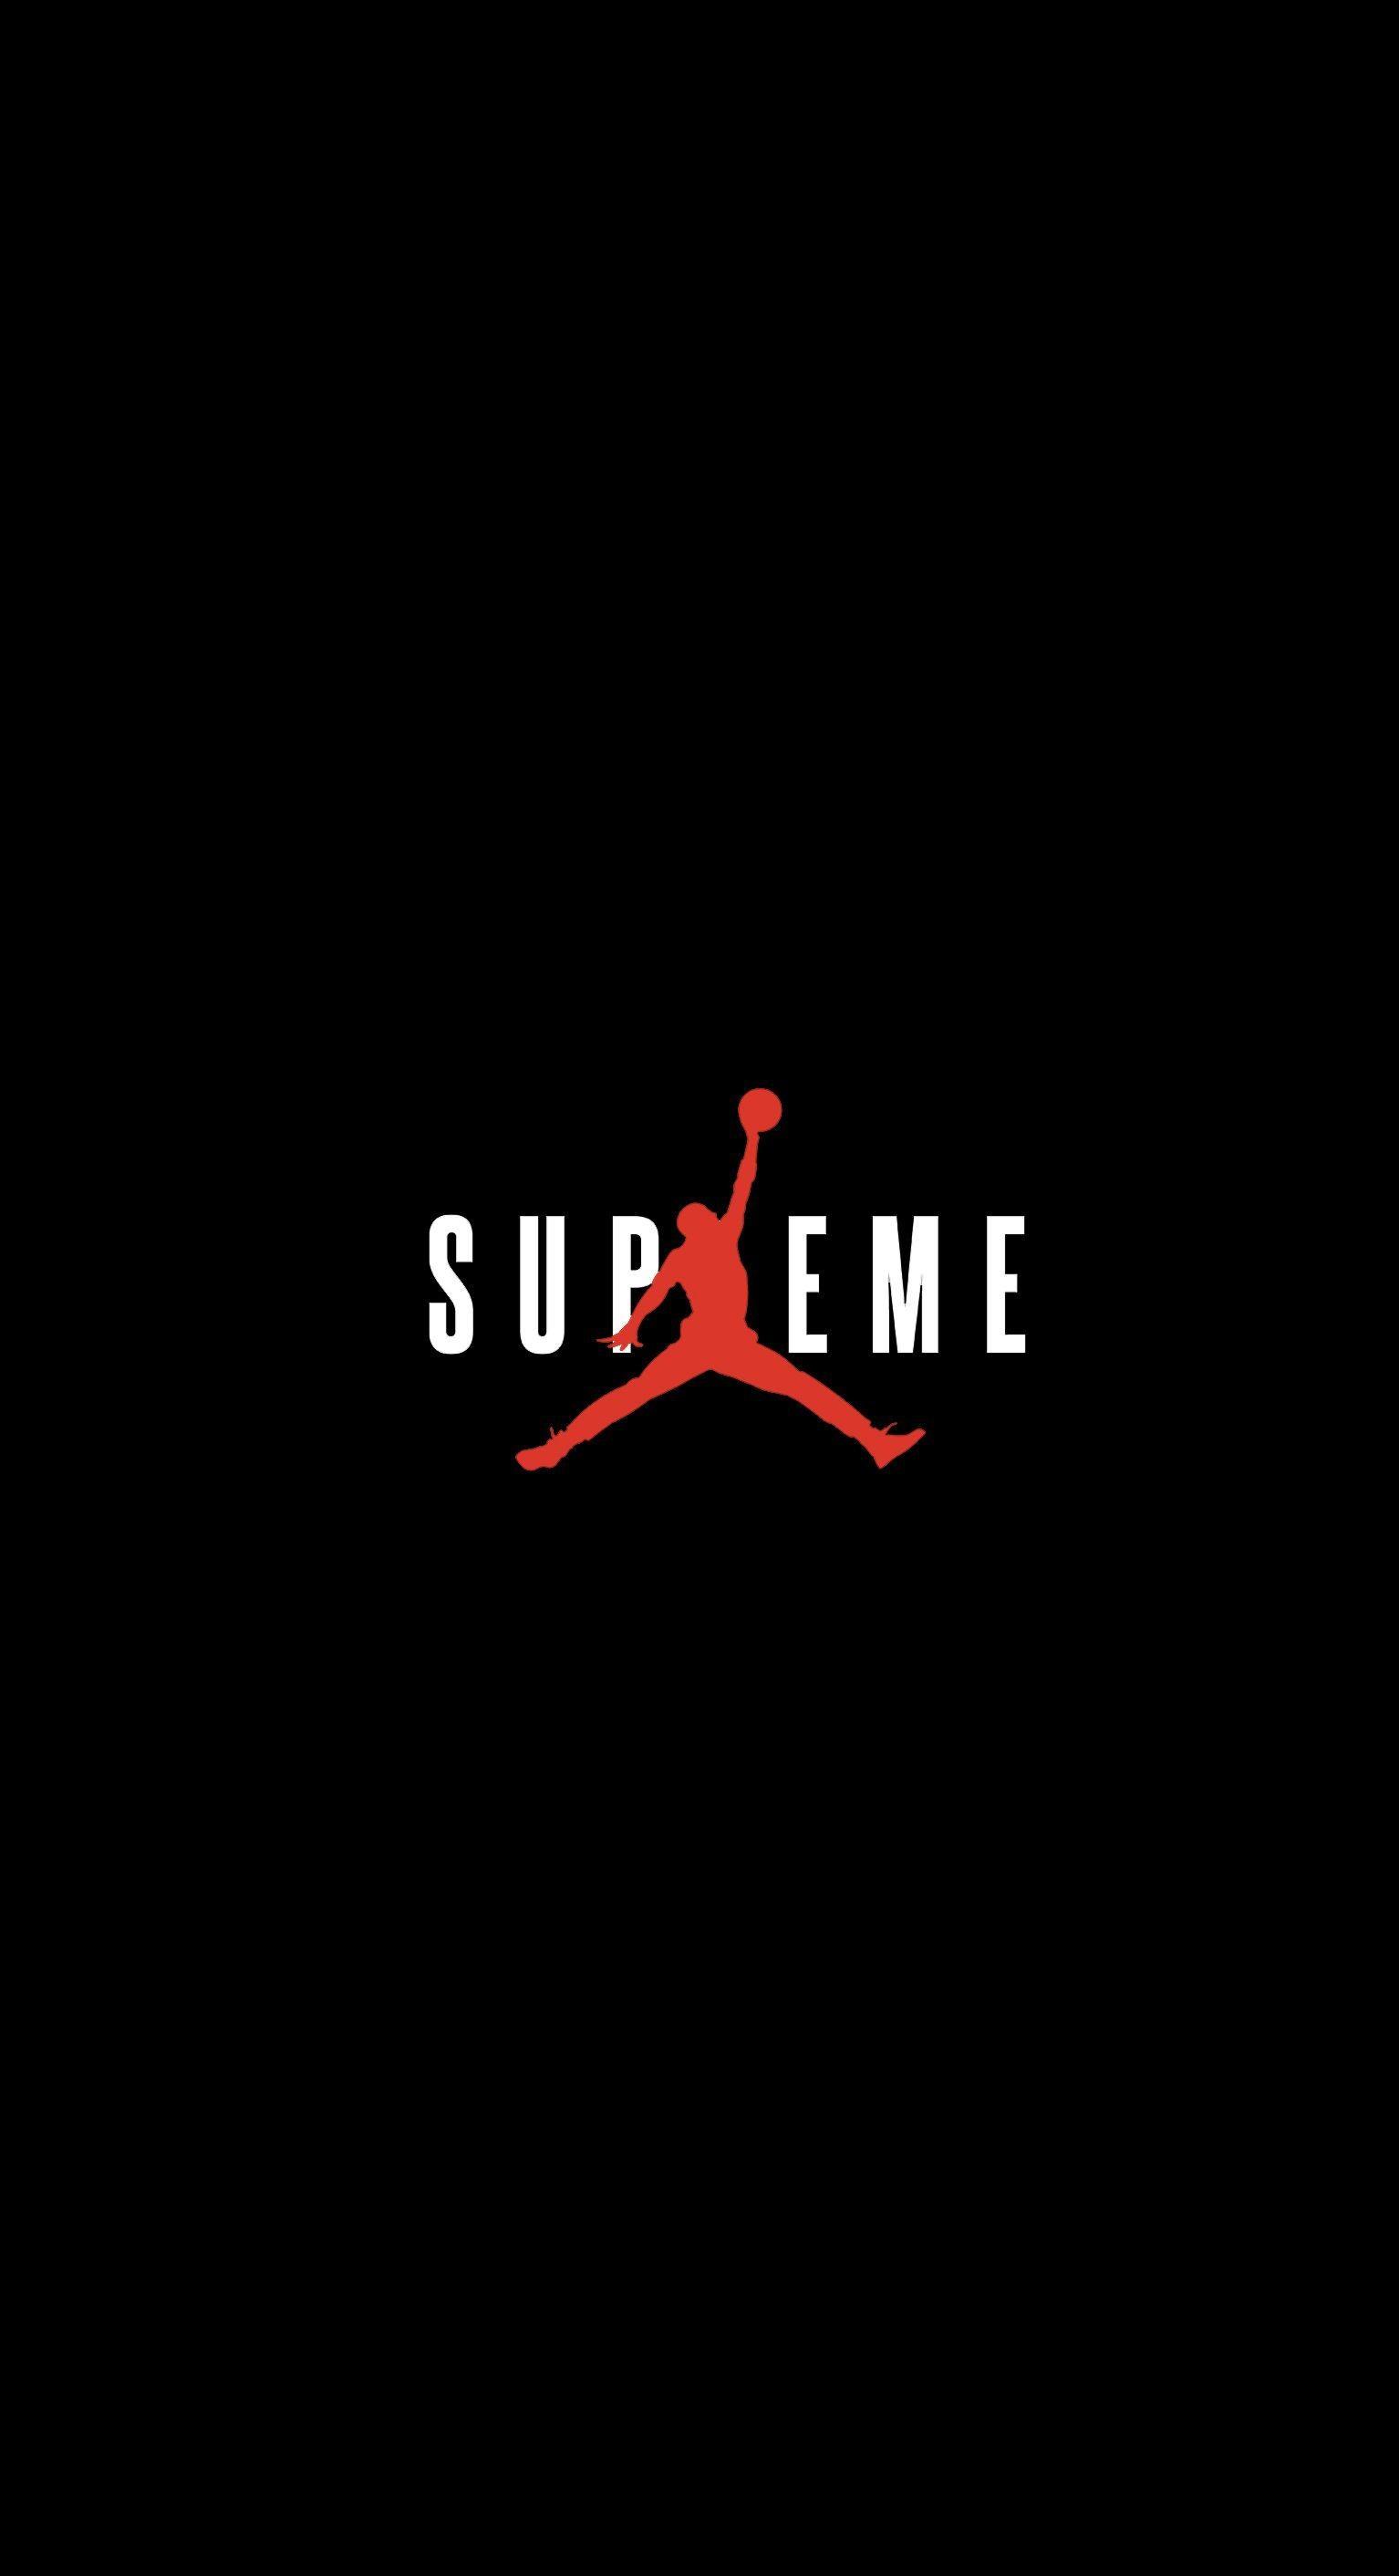 Res: 1534x2824, Supreme x Jordan Wallpaper : streetwear - Streetwear Wallpapers - Wallpaper  Zone